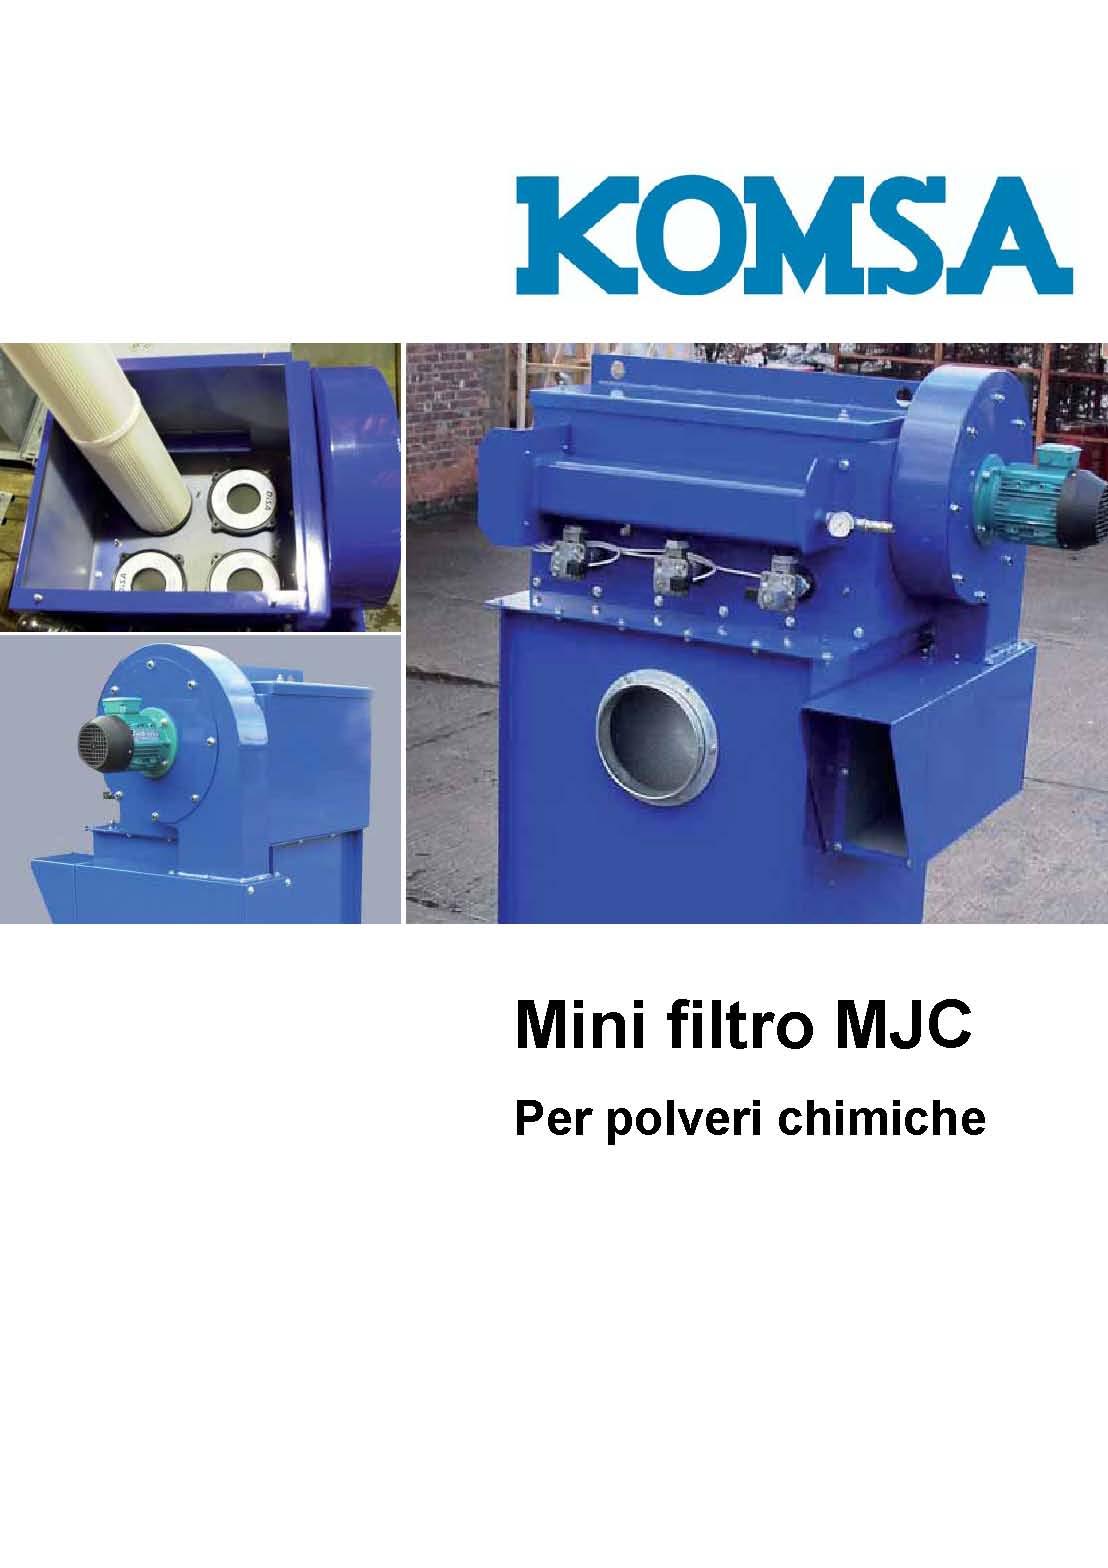 19-Catalogo-filtro-MJC.jpg